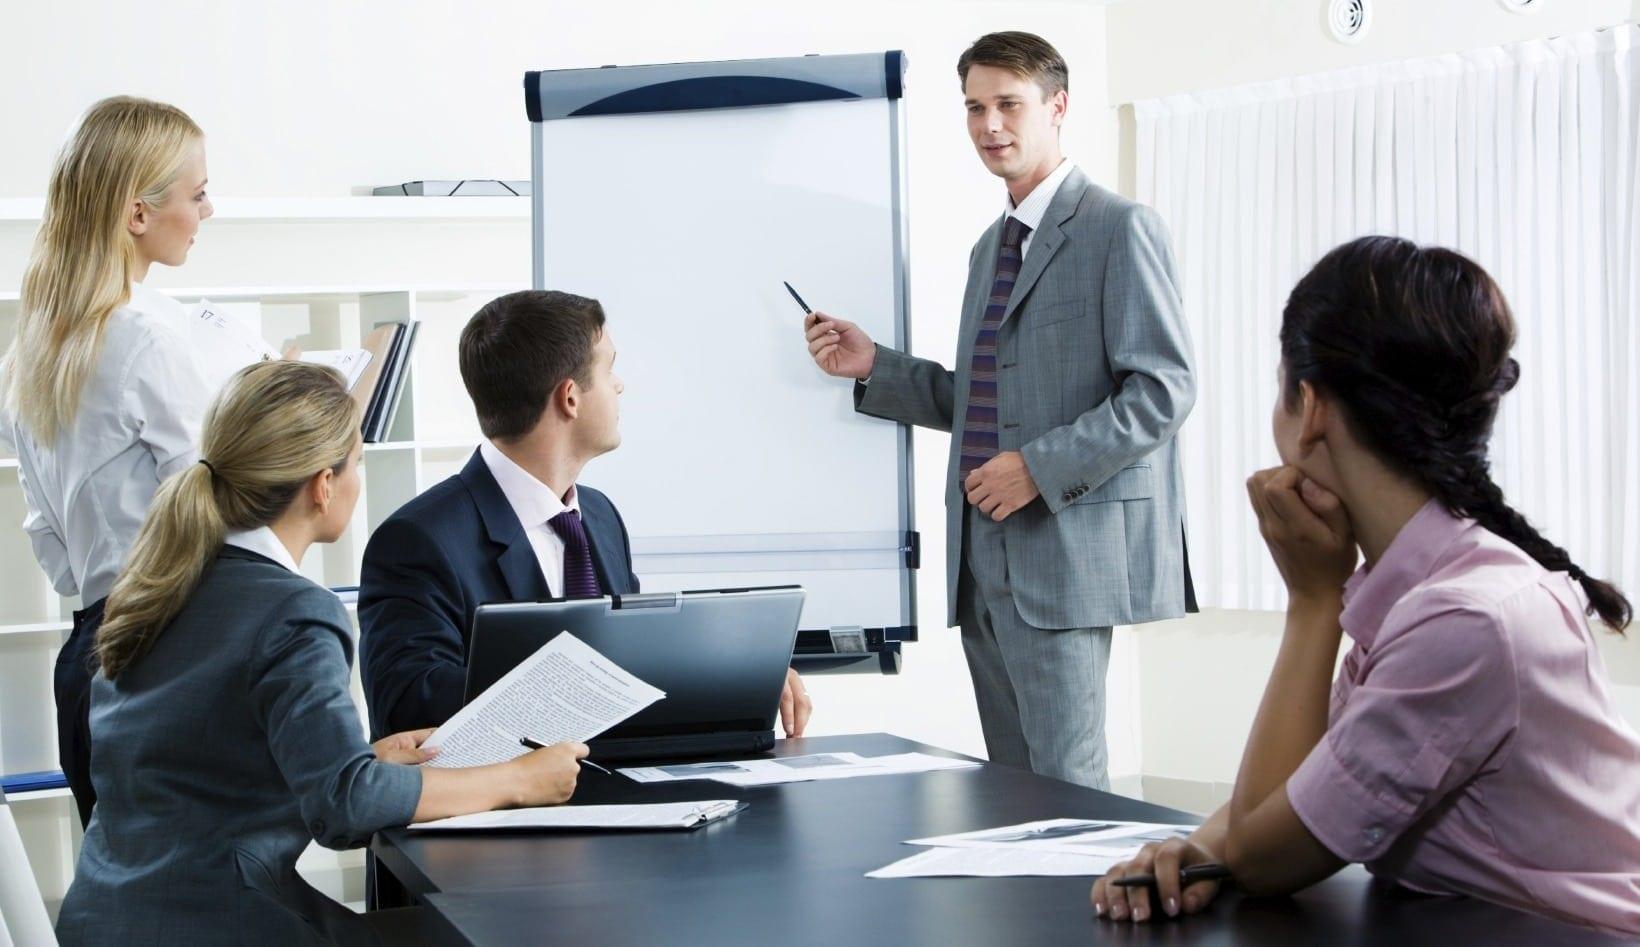 retirando as metas do papel da empresa 3